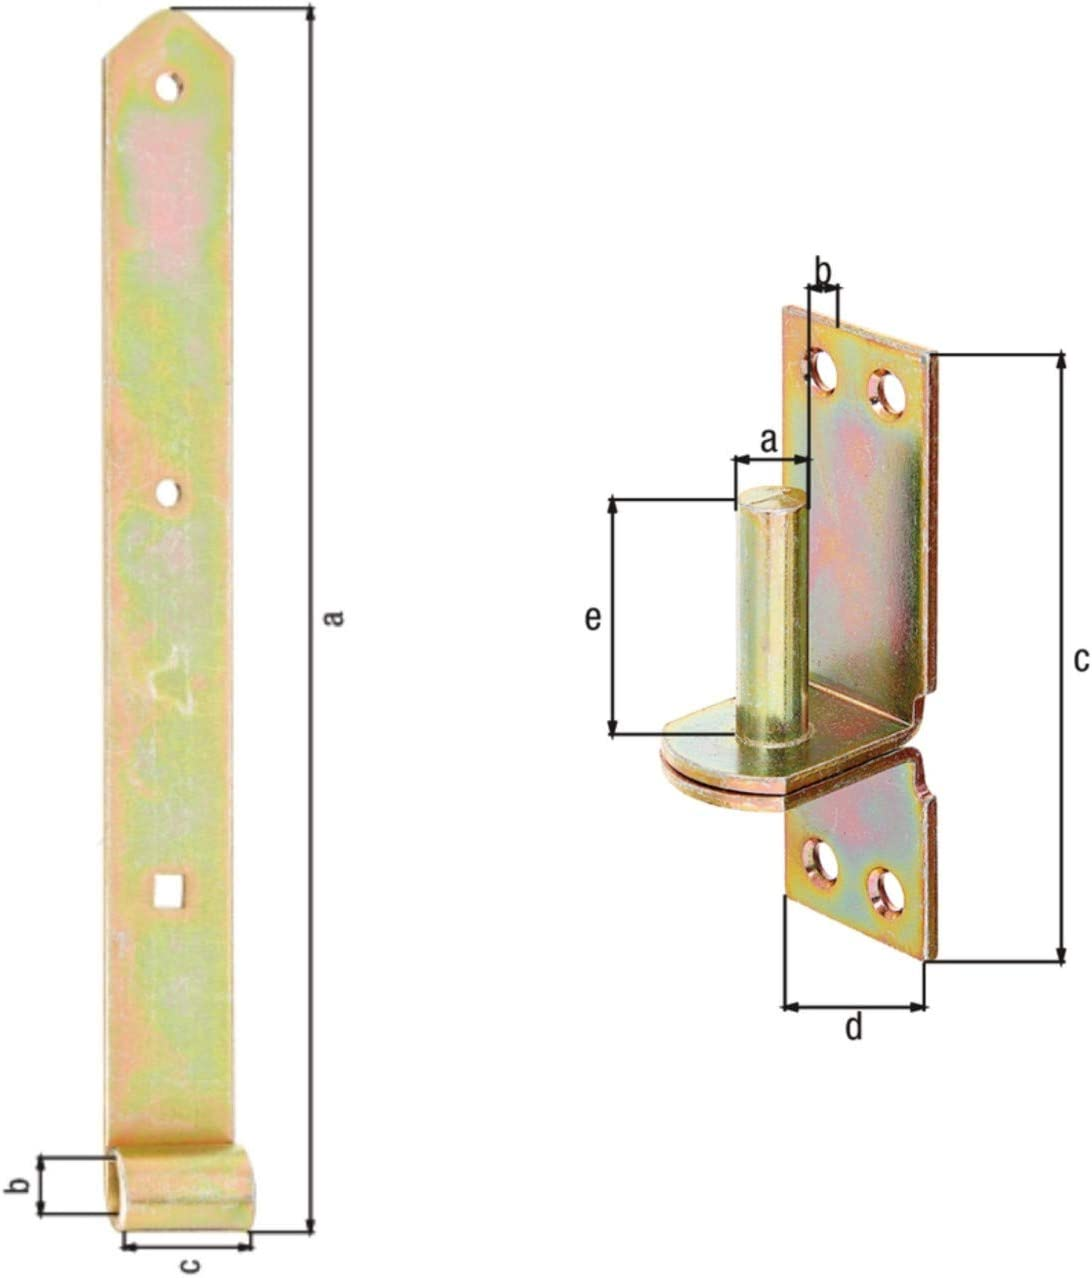 HAUS /& DACH Ladenband Set Durchmesser Kloben: 10 mm Eng gelb verzinkt inkl Kloben Ladenbandl/änge: 500 mm